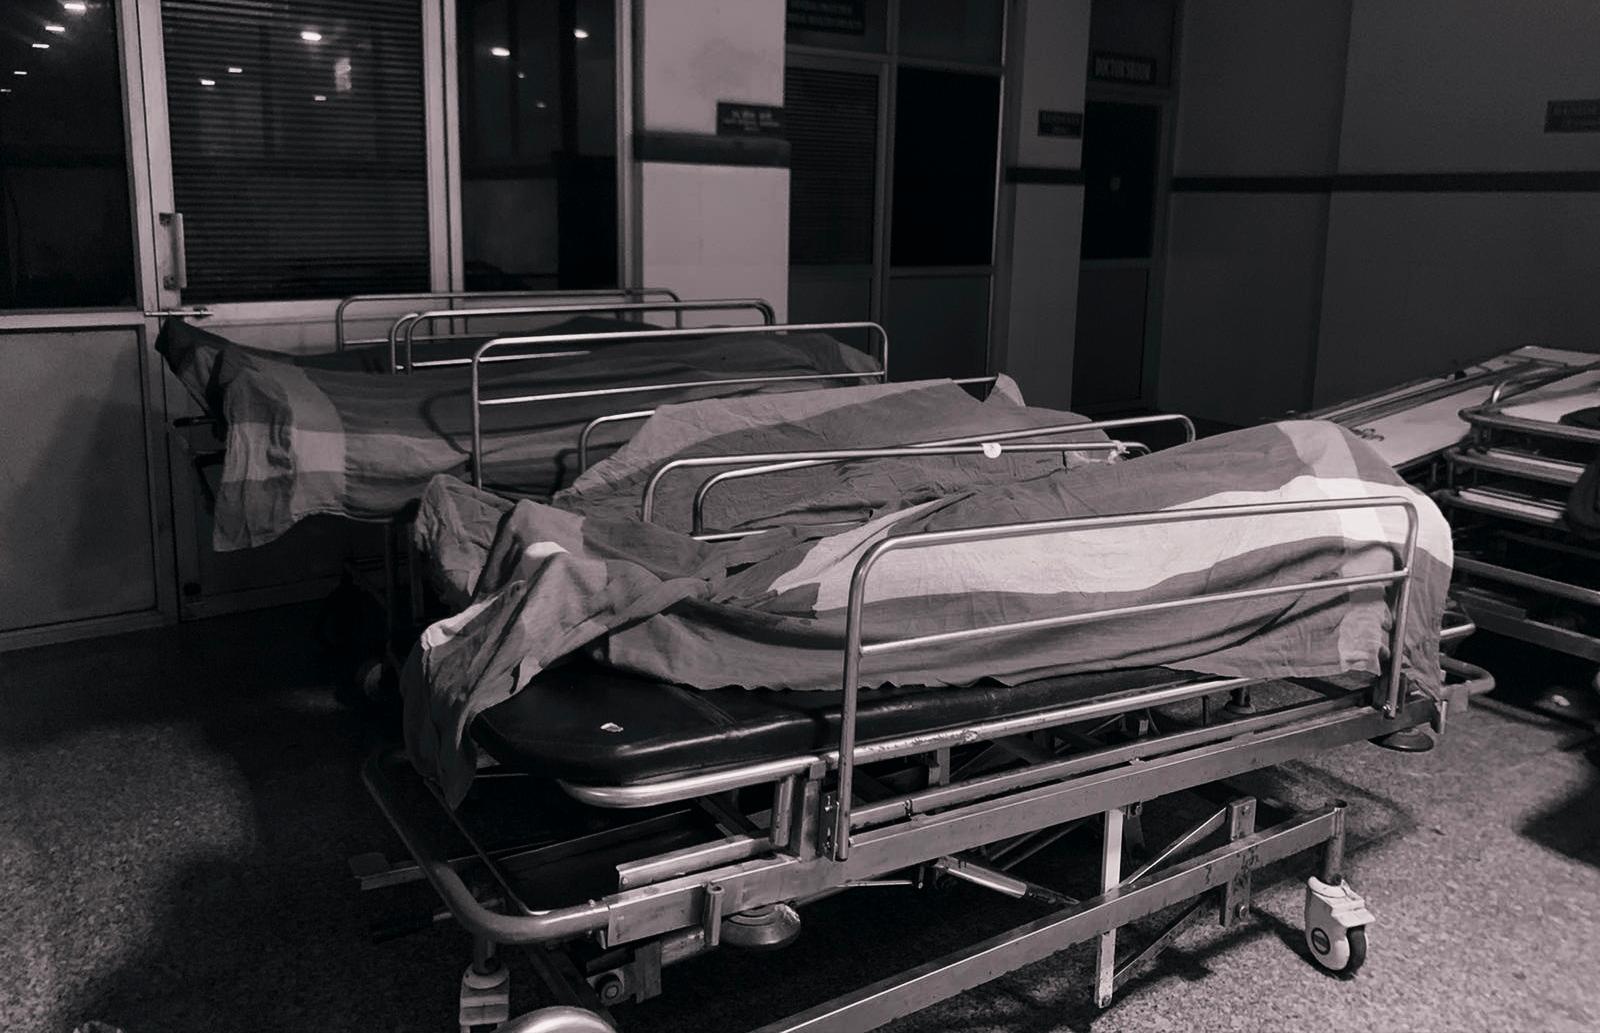 मोतीपुर झडप : चारको मृत्यु, नौजना उपचाररत